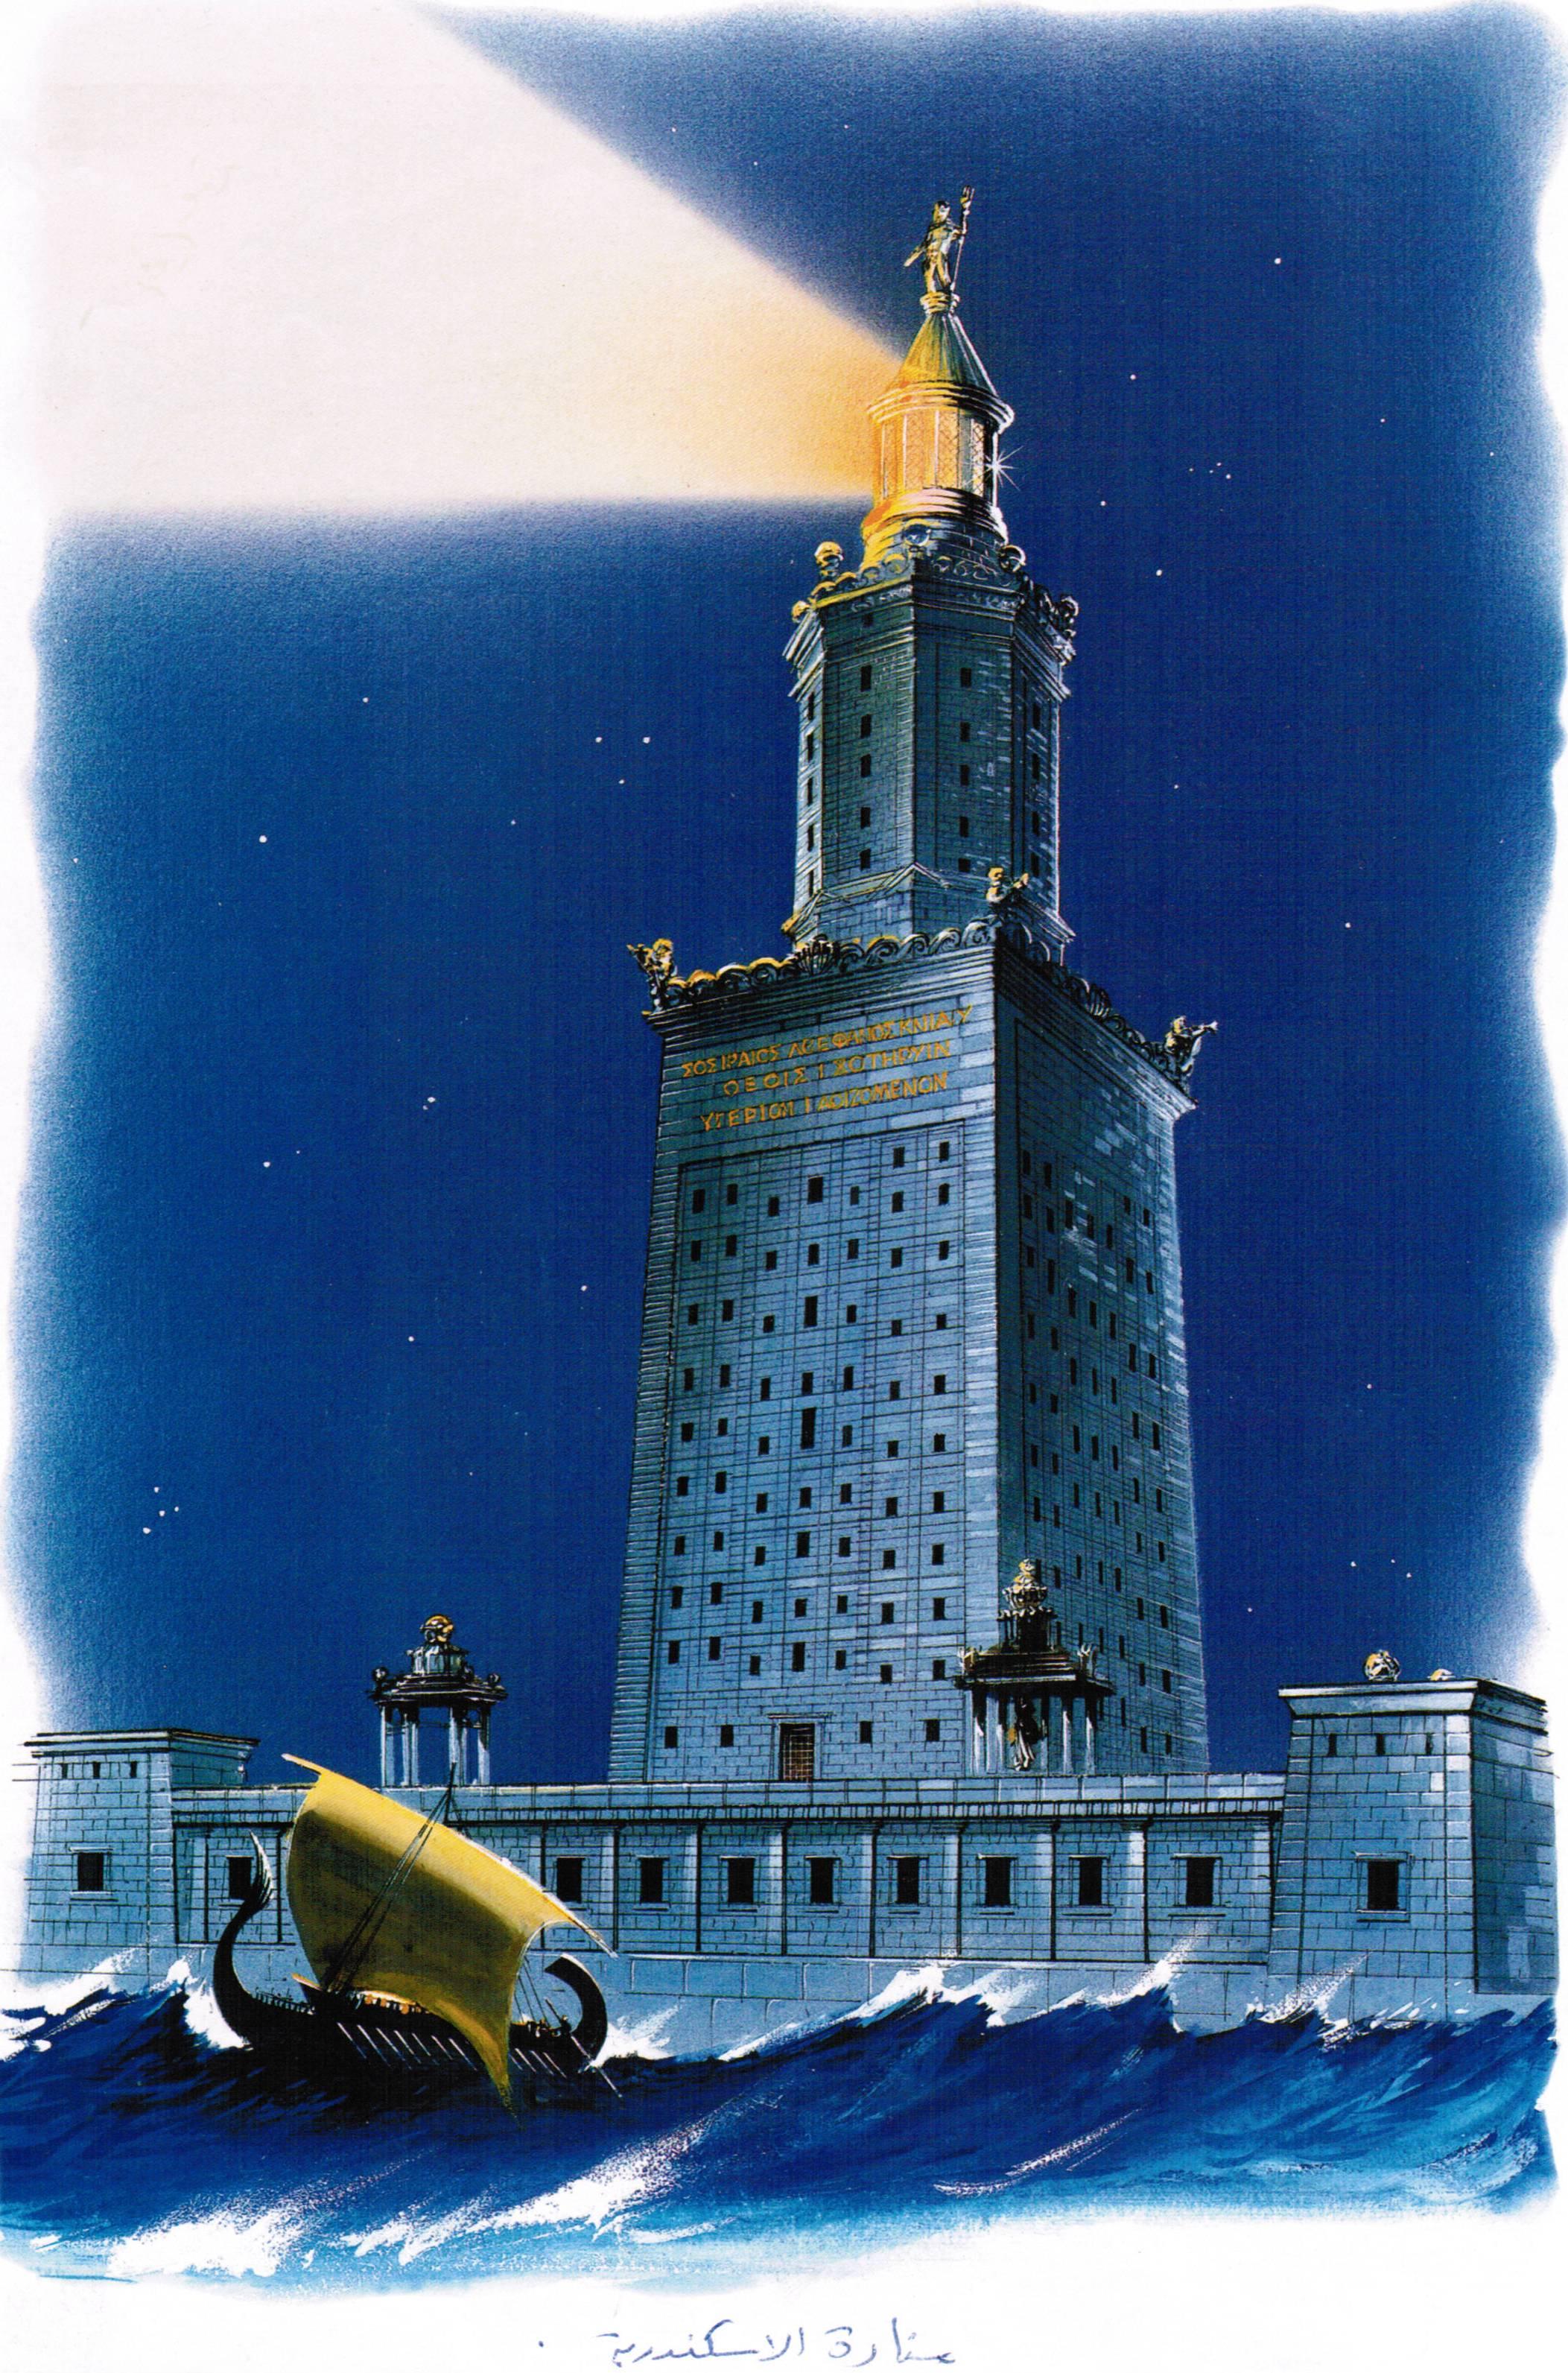 عجائب الدنيا السبع